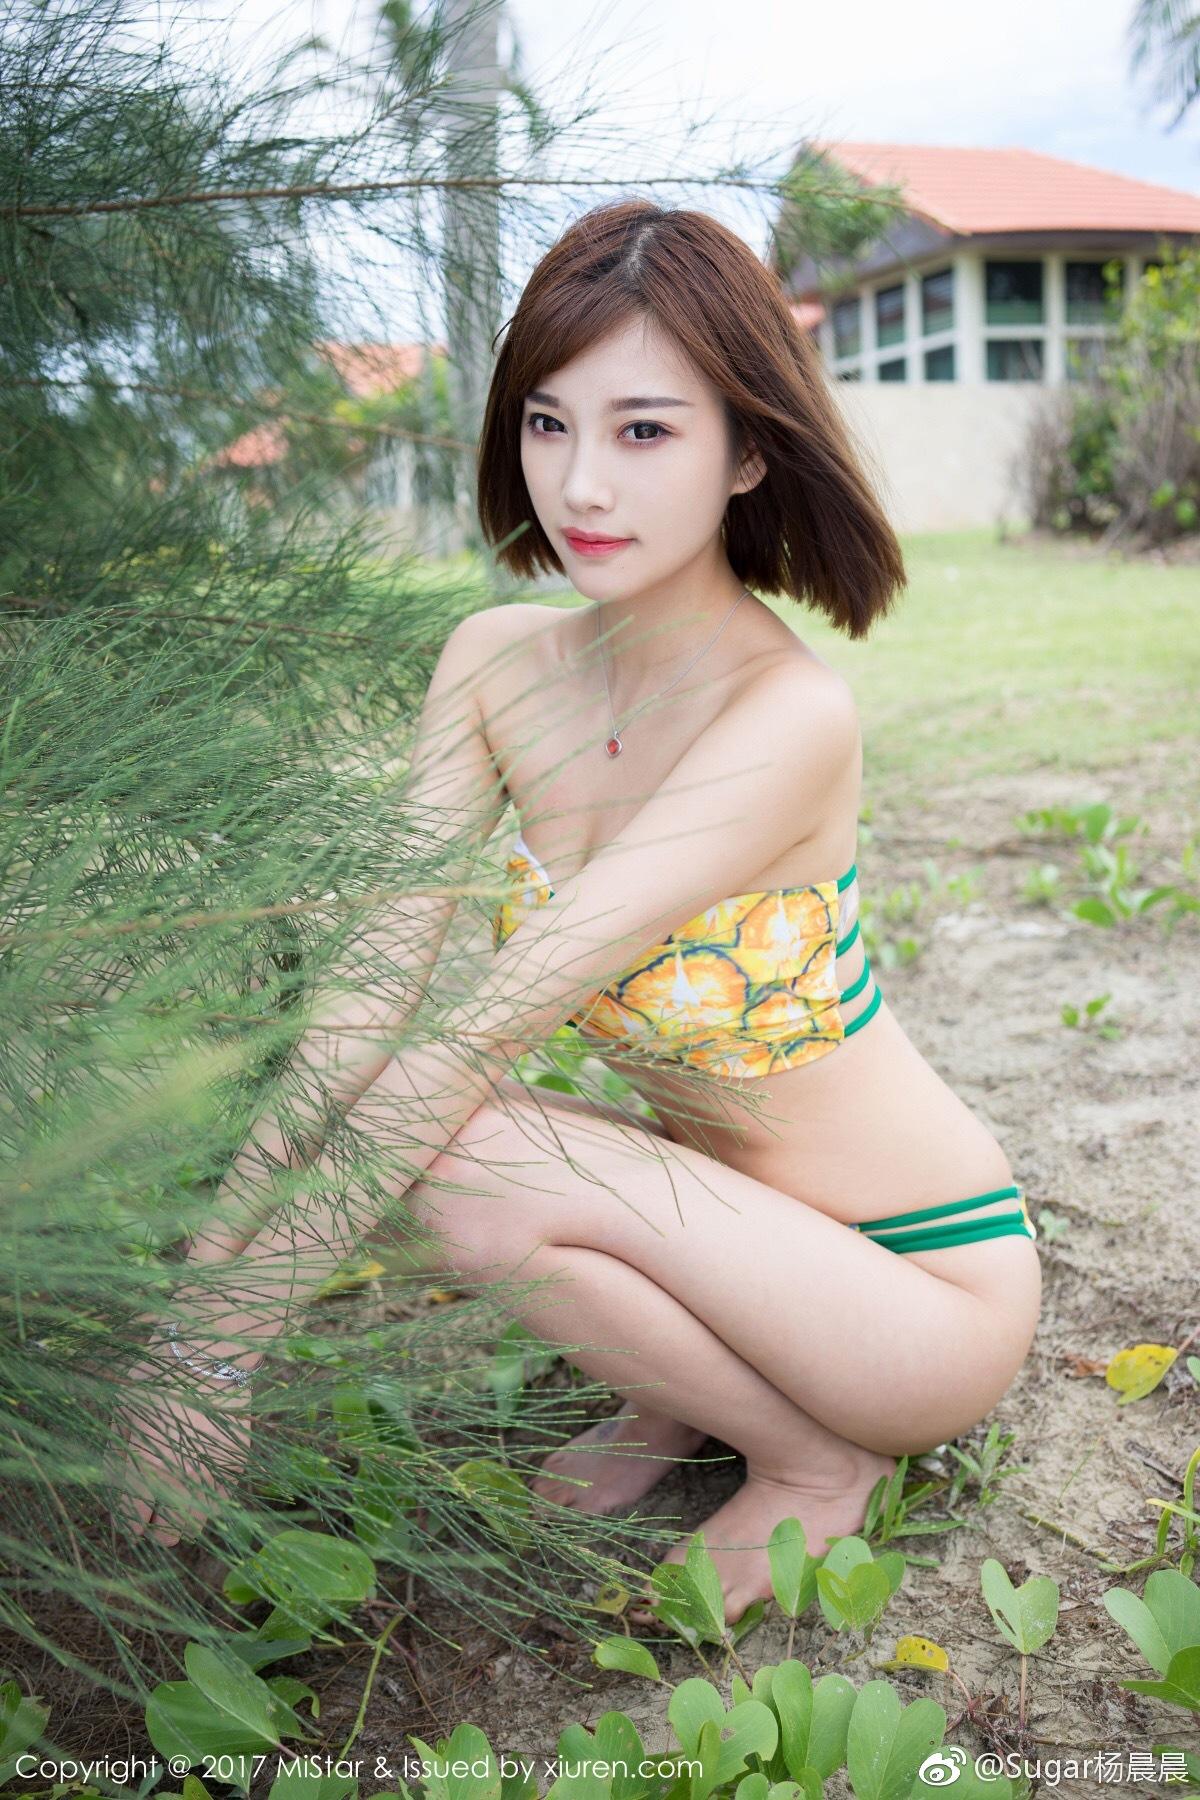 Sugar杨晨晨短发女生也可以性感和可爱[二哈]全套图下_美女福利图片(图8)